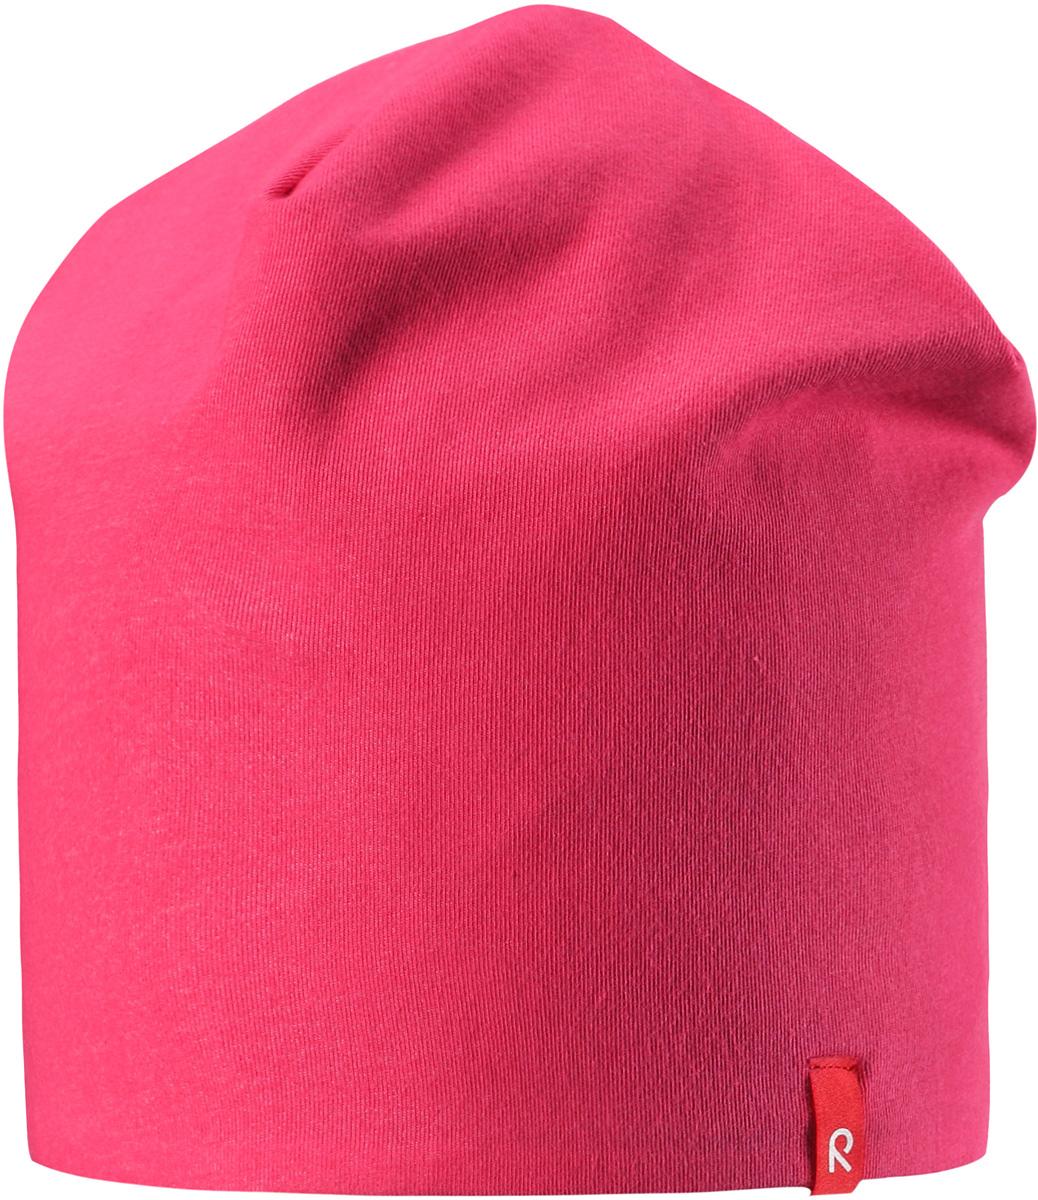 Шапка детская Reima Lautta, цвет: розовый. 5285133360. Размер 505285133360Легкая двухсторонняя шапочка для малышей яркой расцветки с УФ-защитой 40+. Шапка изготовлена из дышащего и быстросохнущего материла Play Jersey, эффективно выводящего влагу с кожи.